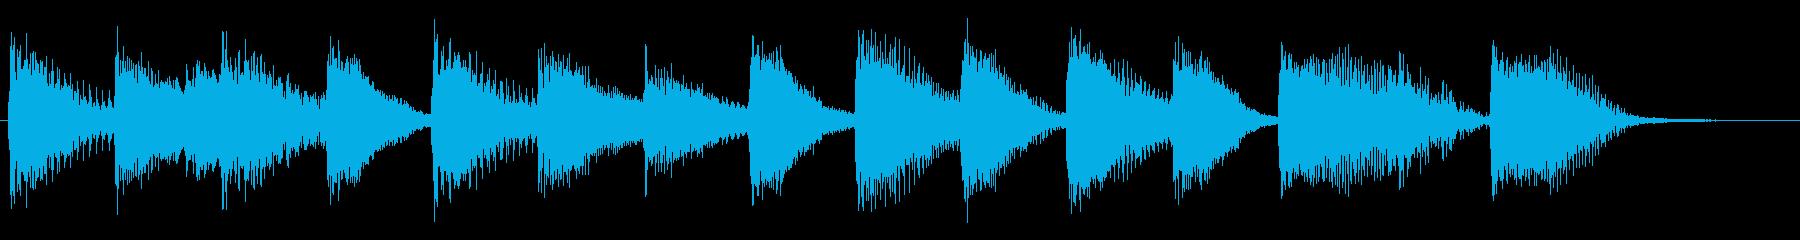 ウキウキ!明るく陽気なピアノジングル2の再生済みの波形